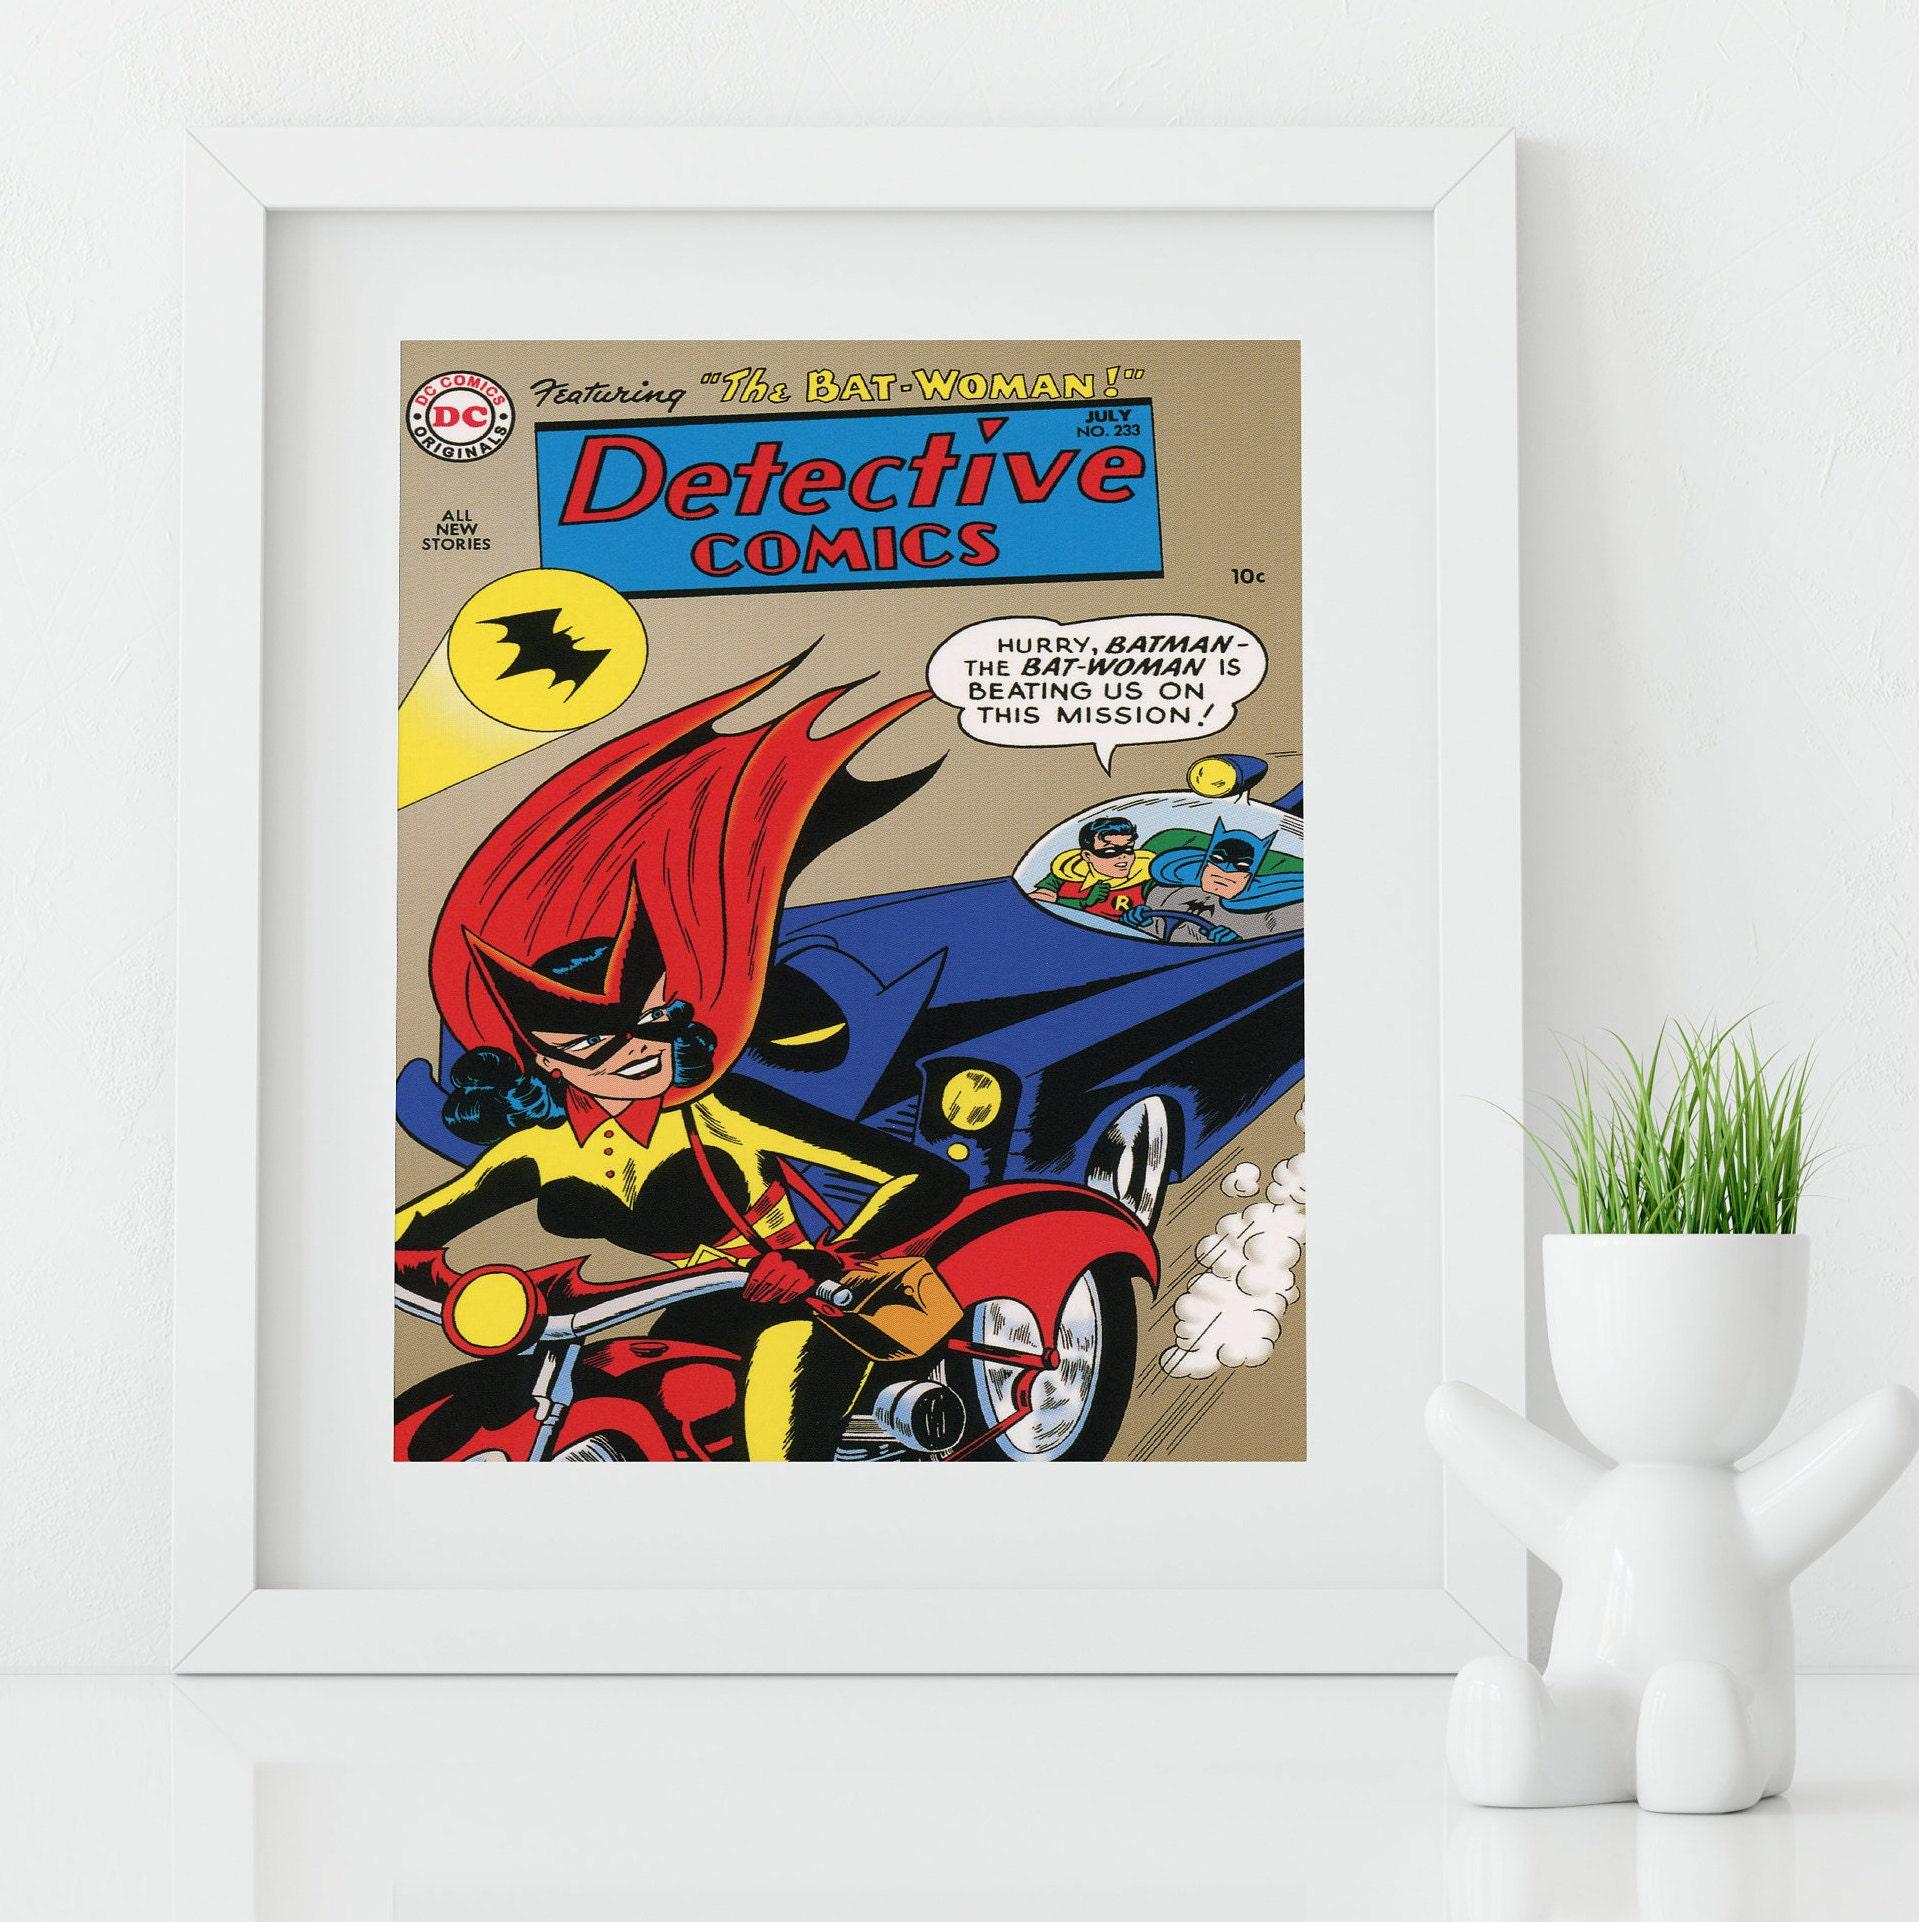 Framed Wall Art   Vintage Comic Book Cover   Batman Wall Art   Batwoman    Superhero Wall Art   Geeky Wall Art   Nerd Gifts